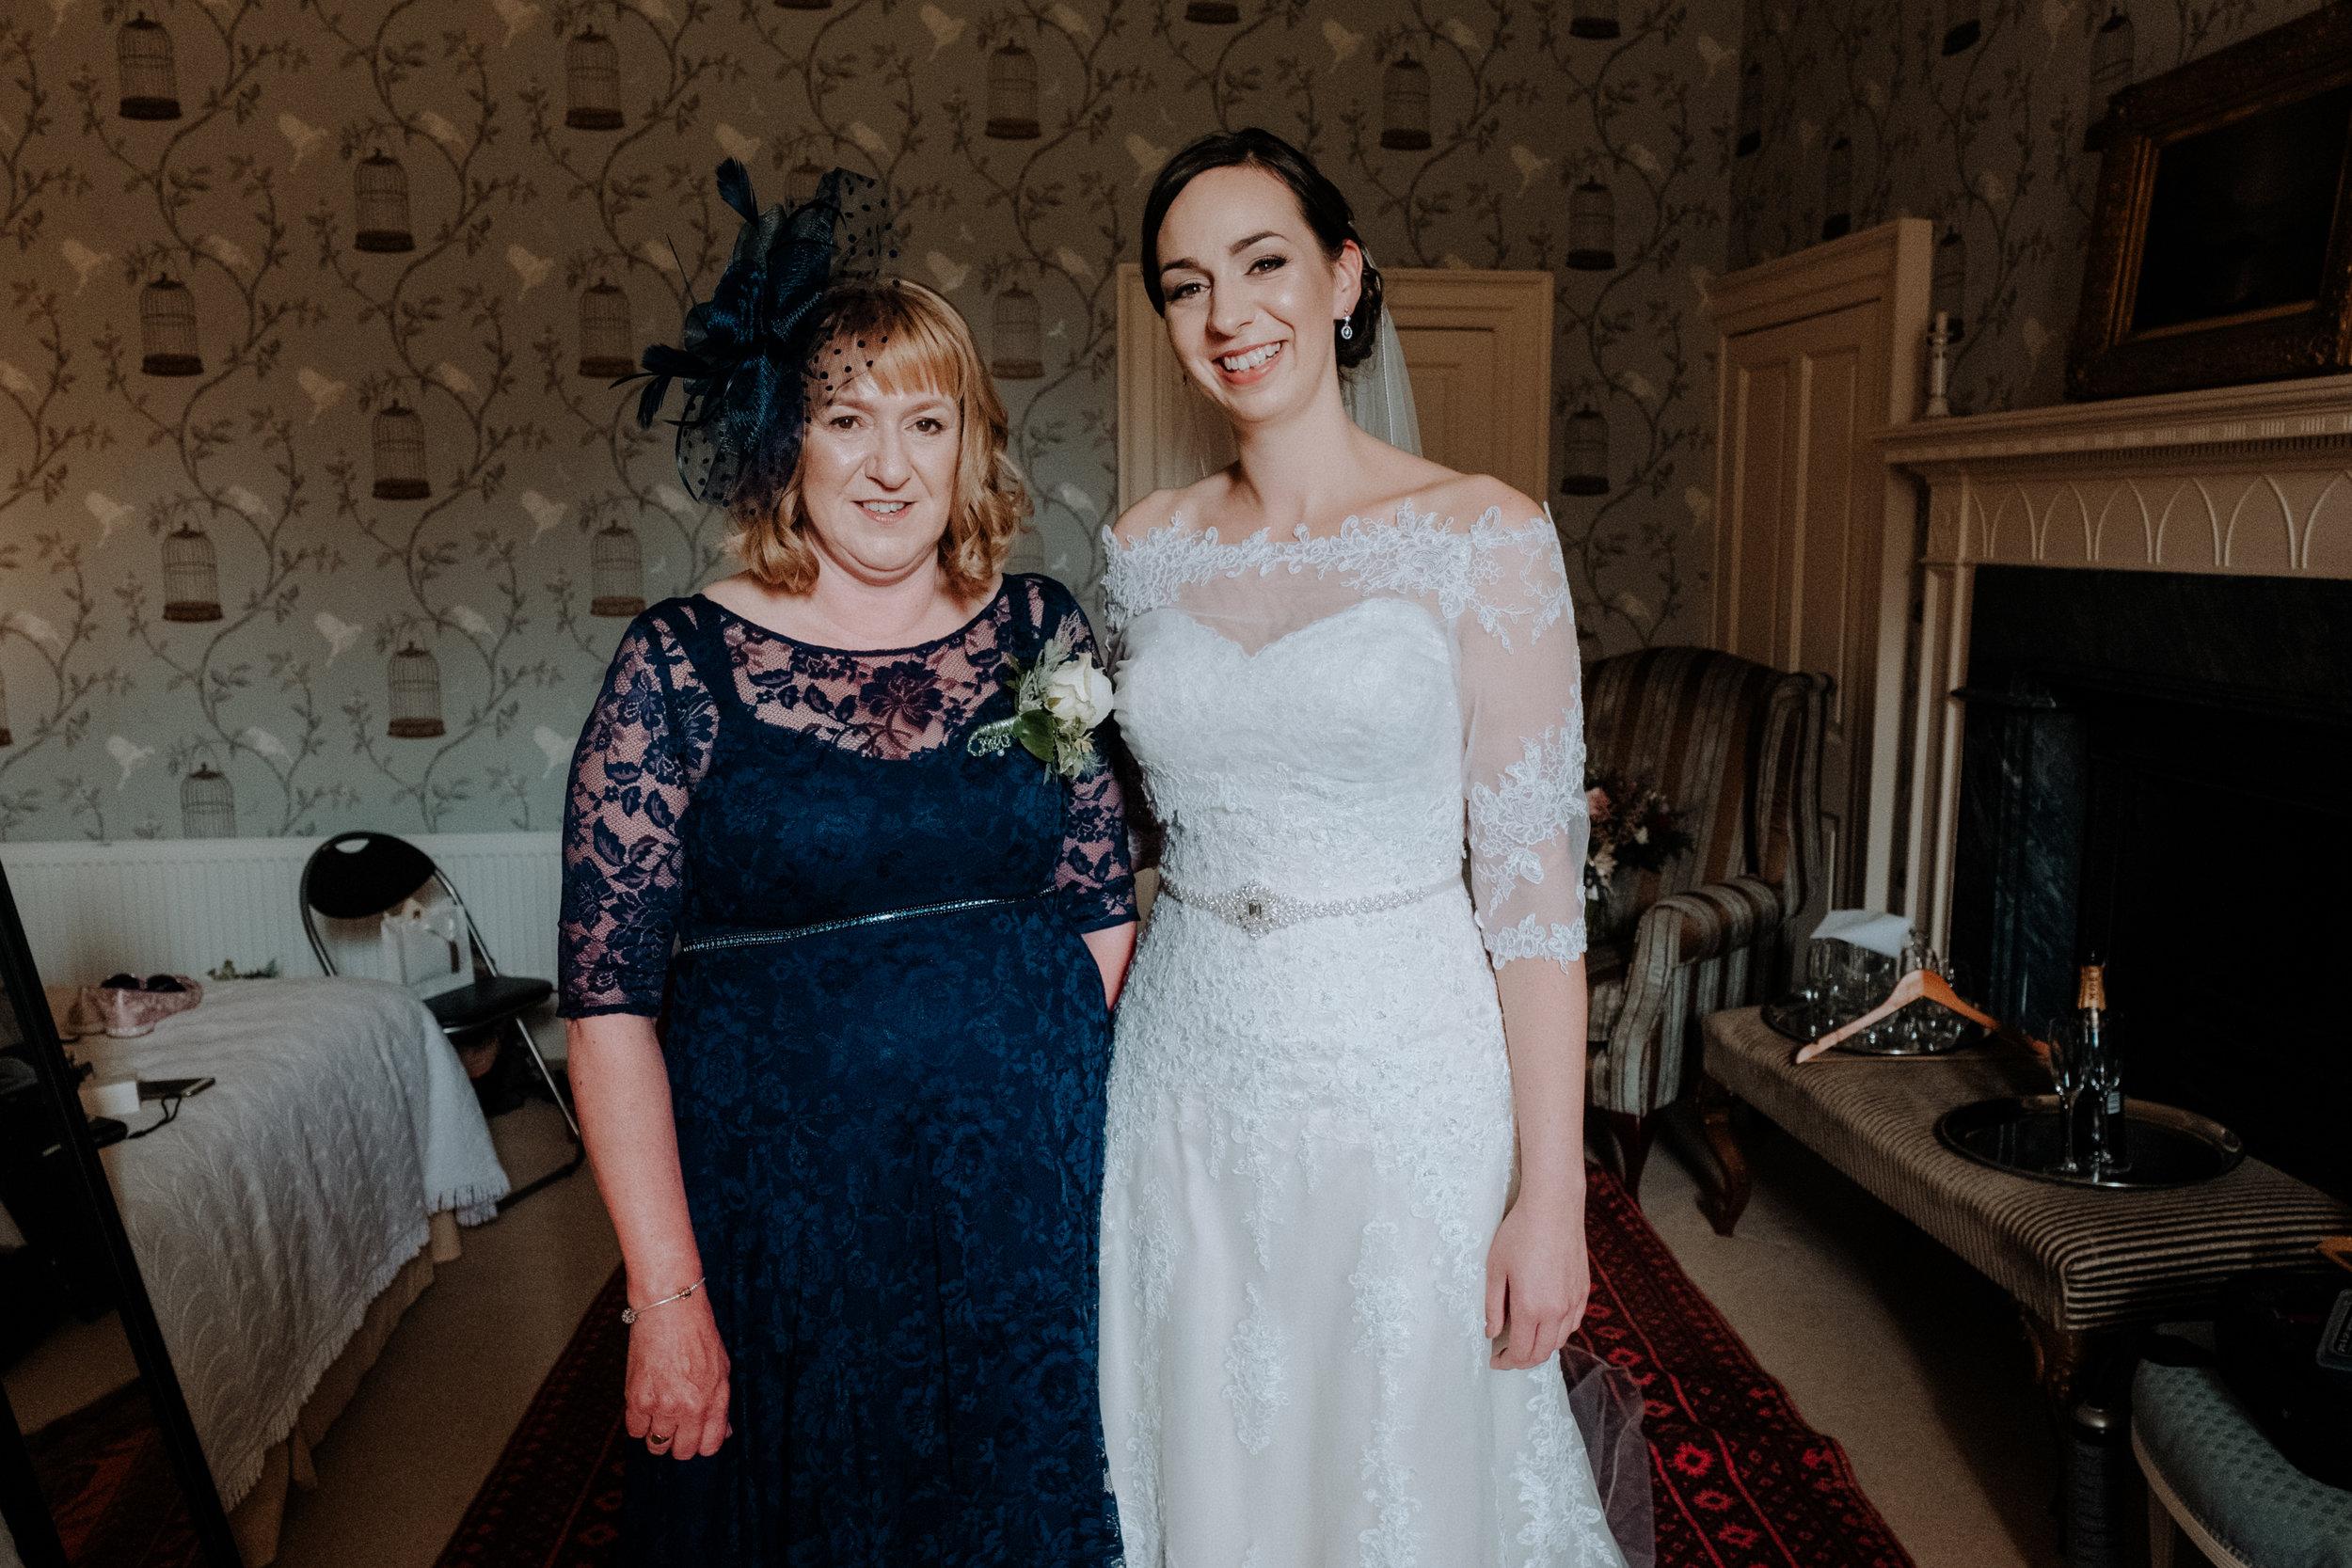 Bridal Make Up for a Scottish Castle wedding